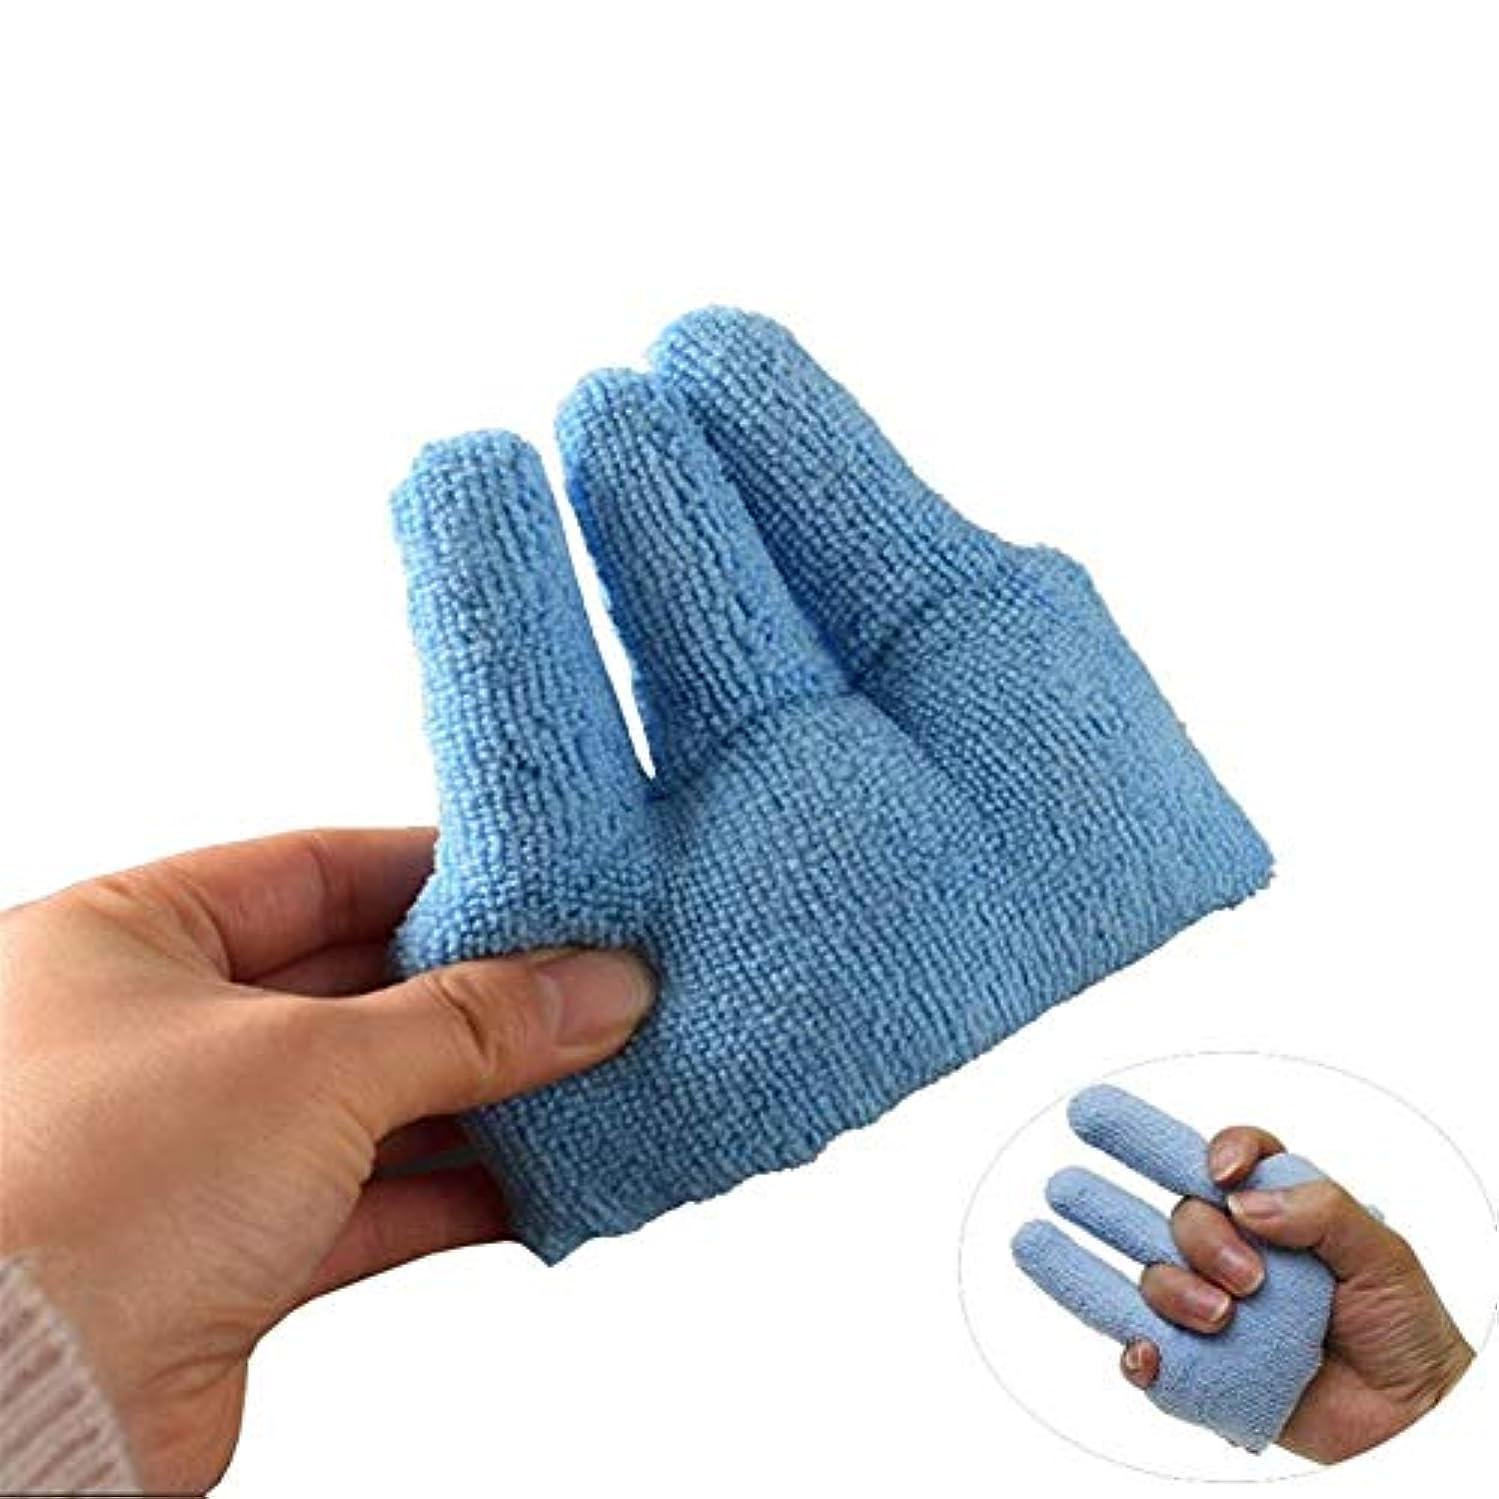 効果機転課税指拘縮の訓練装置は、ベッドの痛みのための指のきらめきくる病手の高齢者介護を防ぎます (Size : 1pairs)